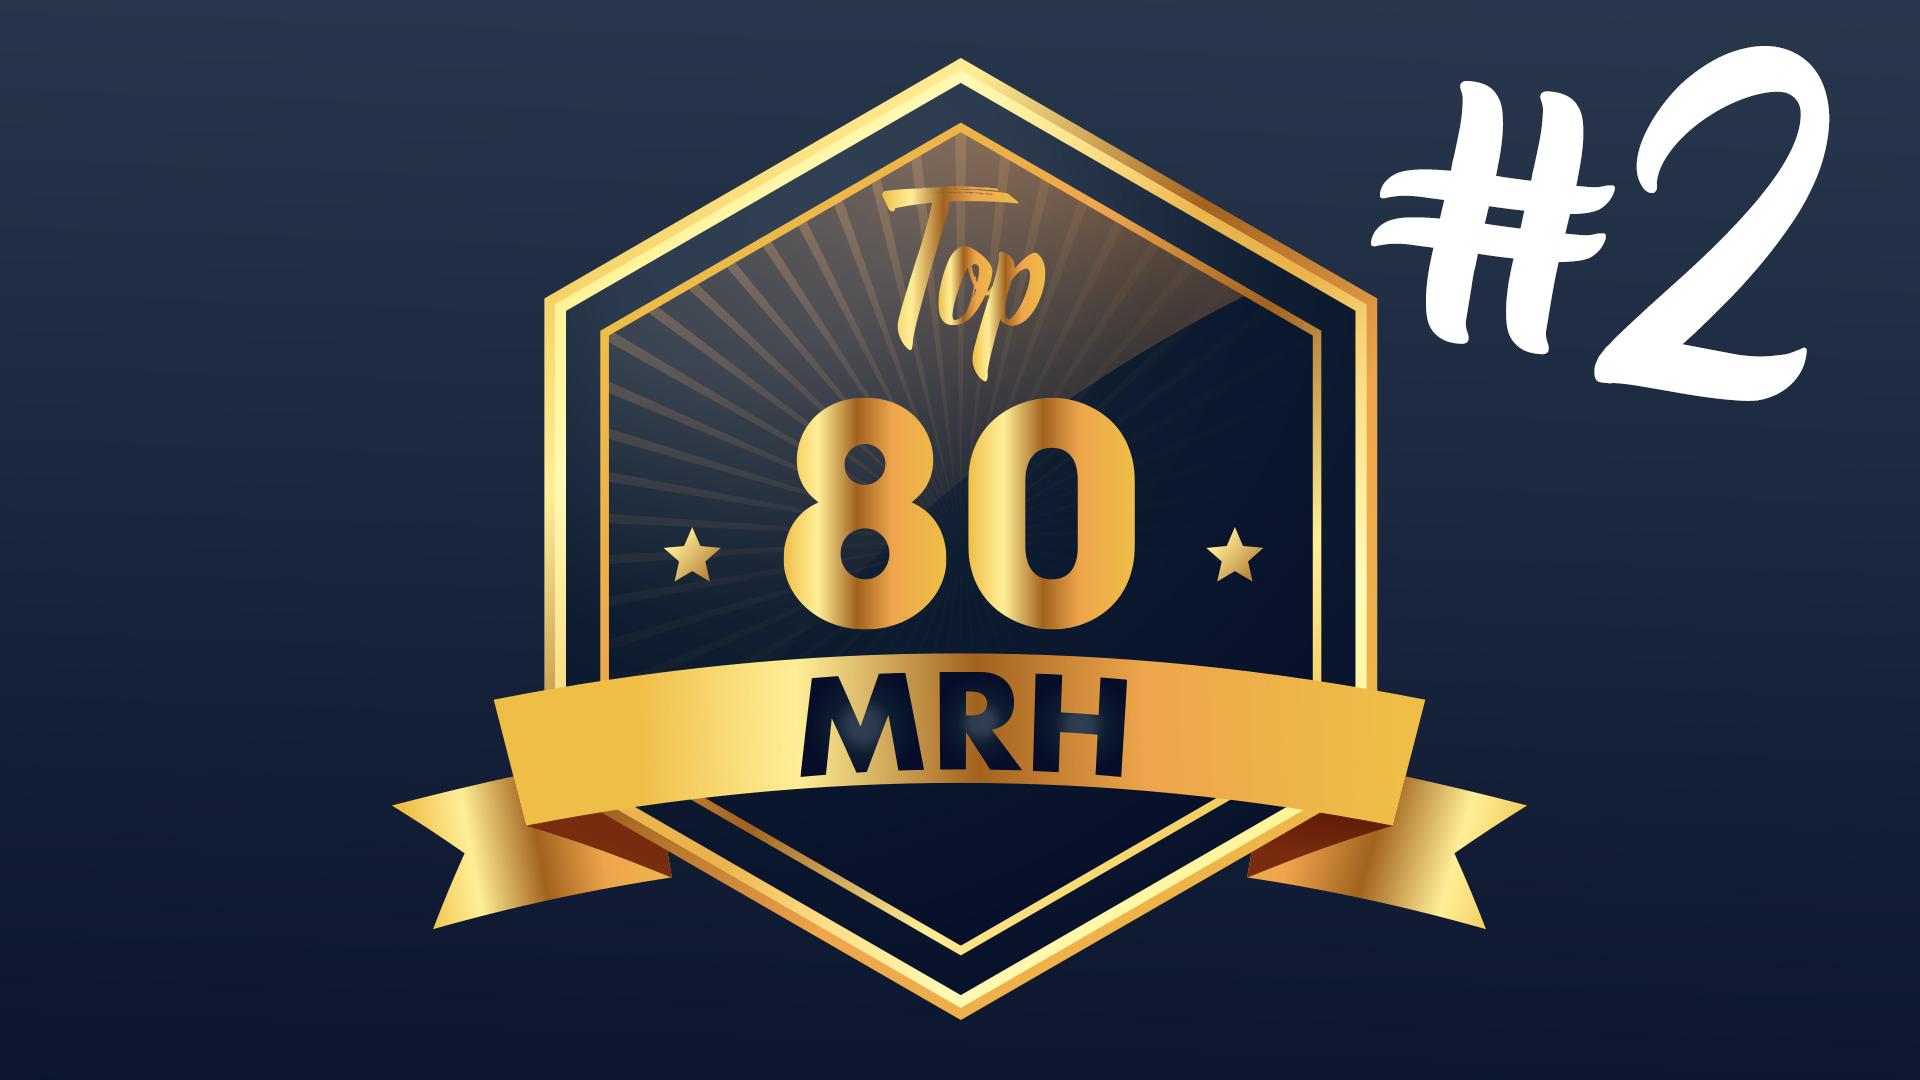 Top 80 MRH - Découvrez le deuxième classement de l'année